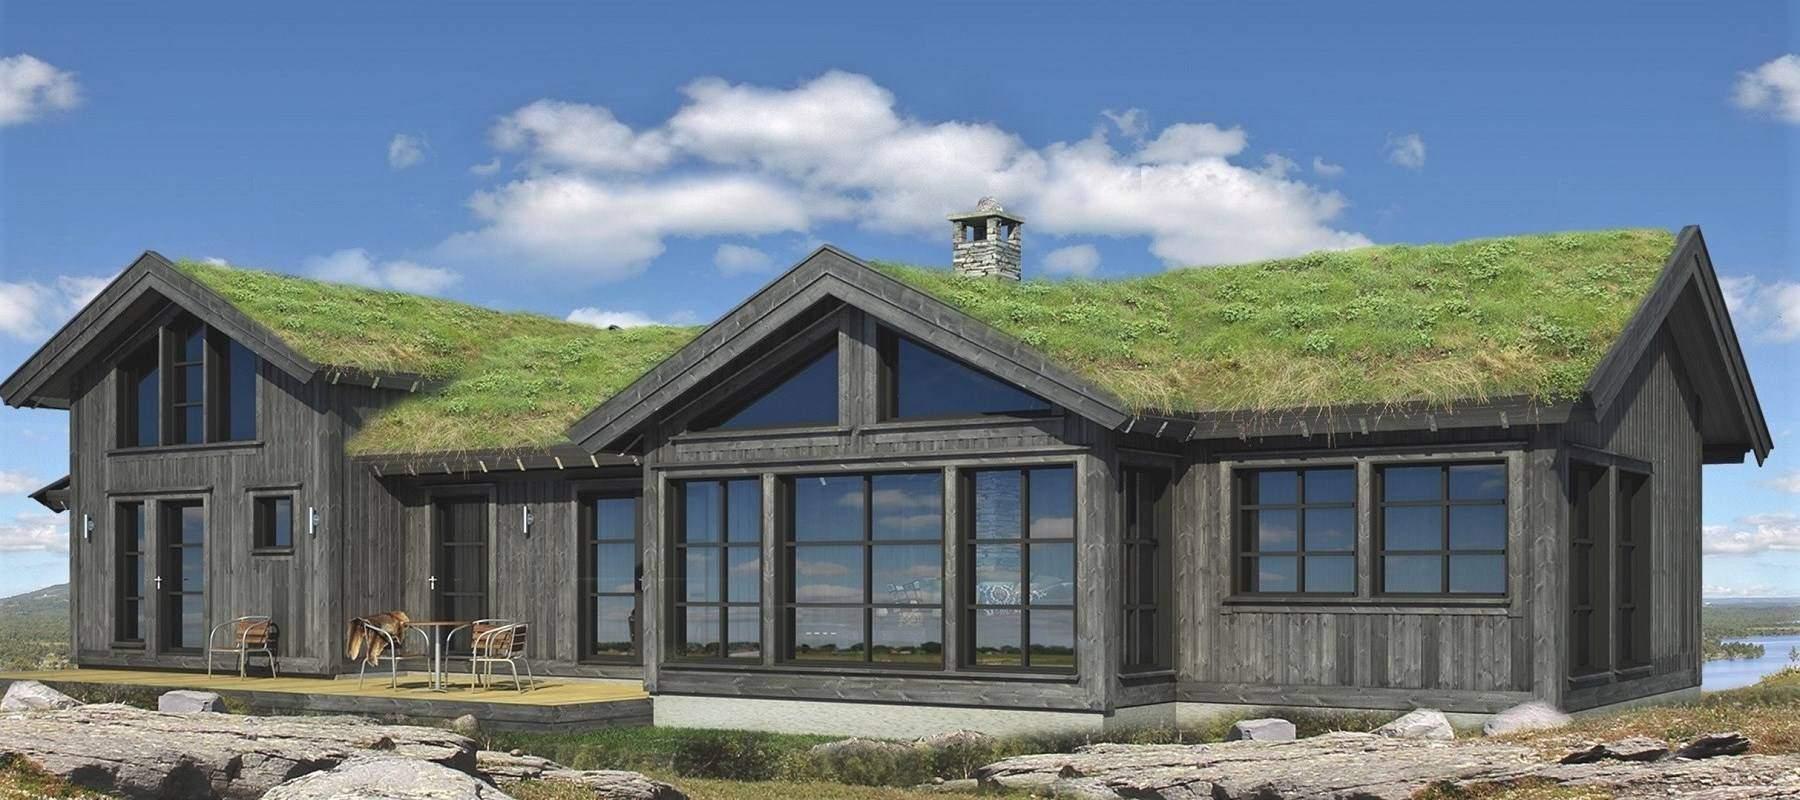 2230 Hytte hytteleverandør Arkitektegnet Geilo 121